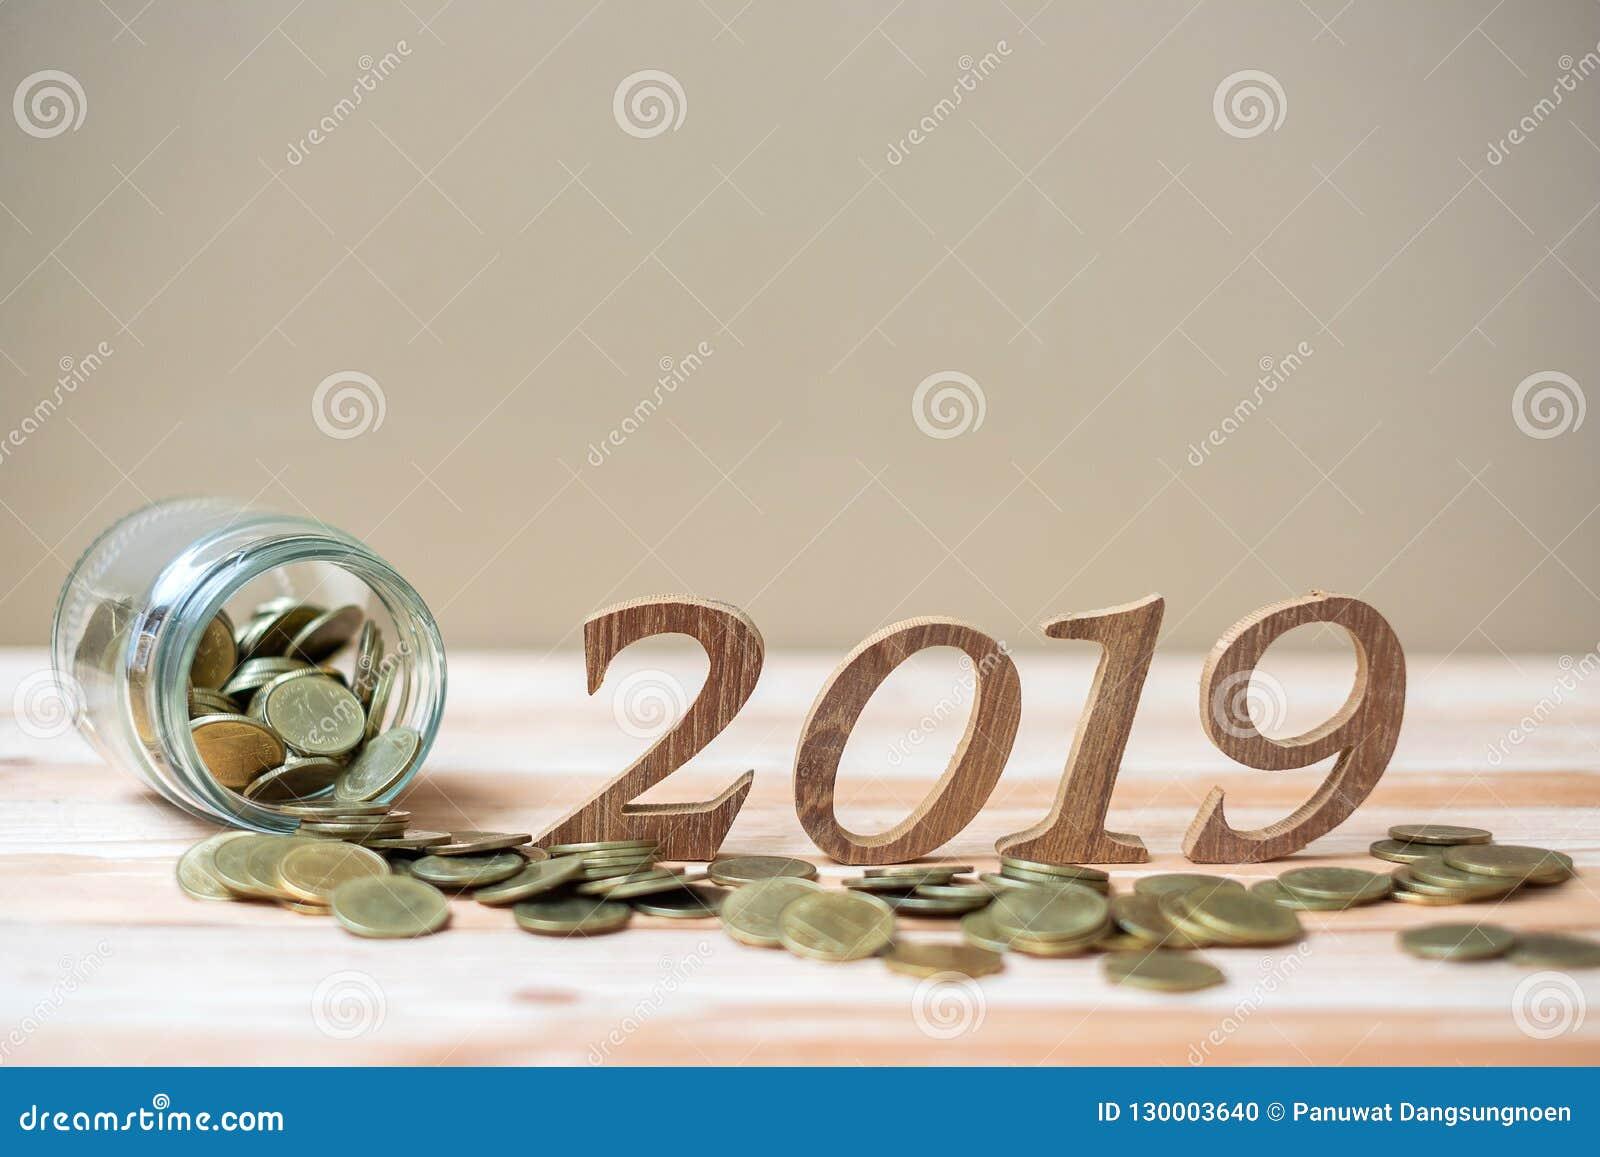 2019 С Новым Годом! со стогом золотых монет и деревянным номером на таблице дело, вклад, планирование выхода на пенсию, финансы,